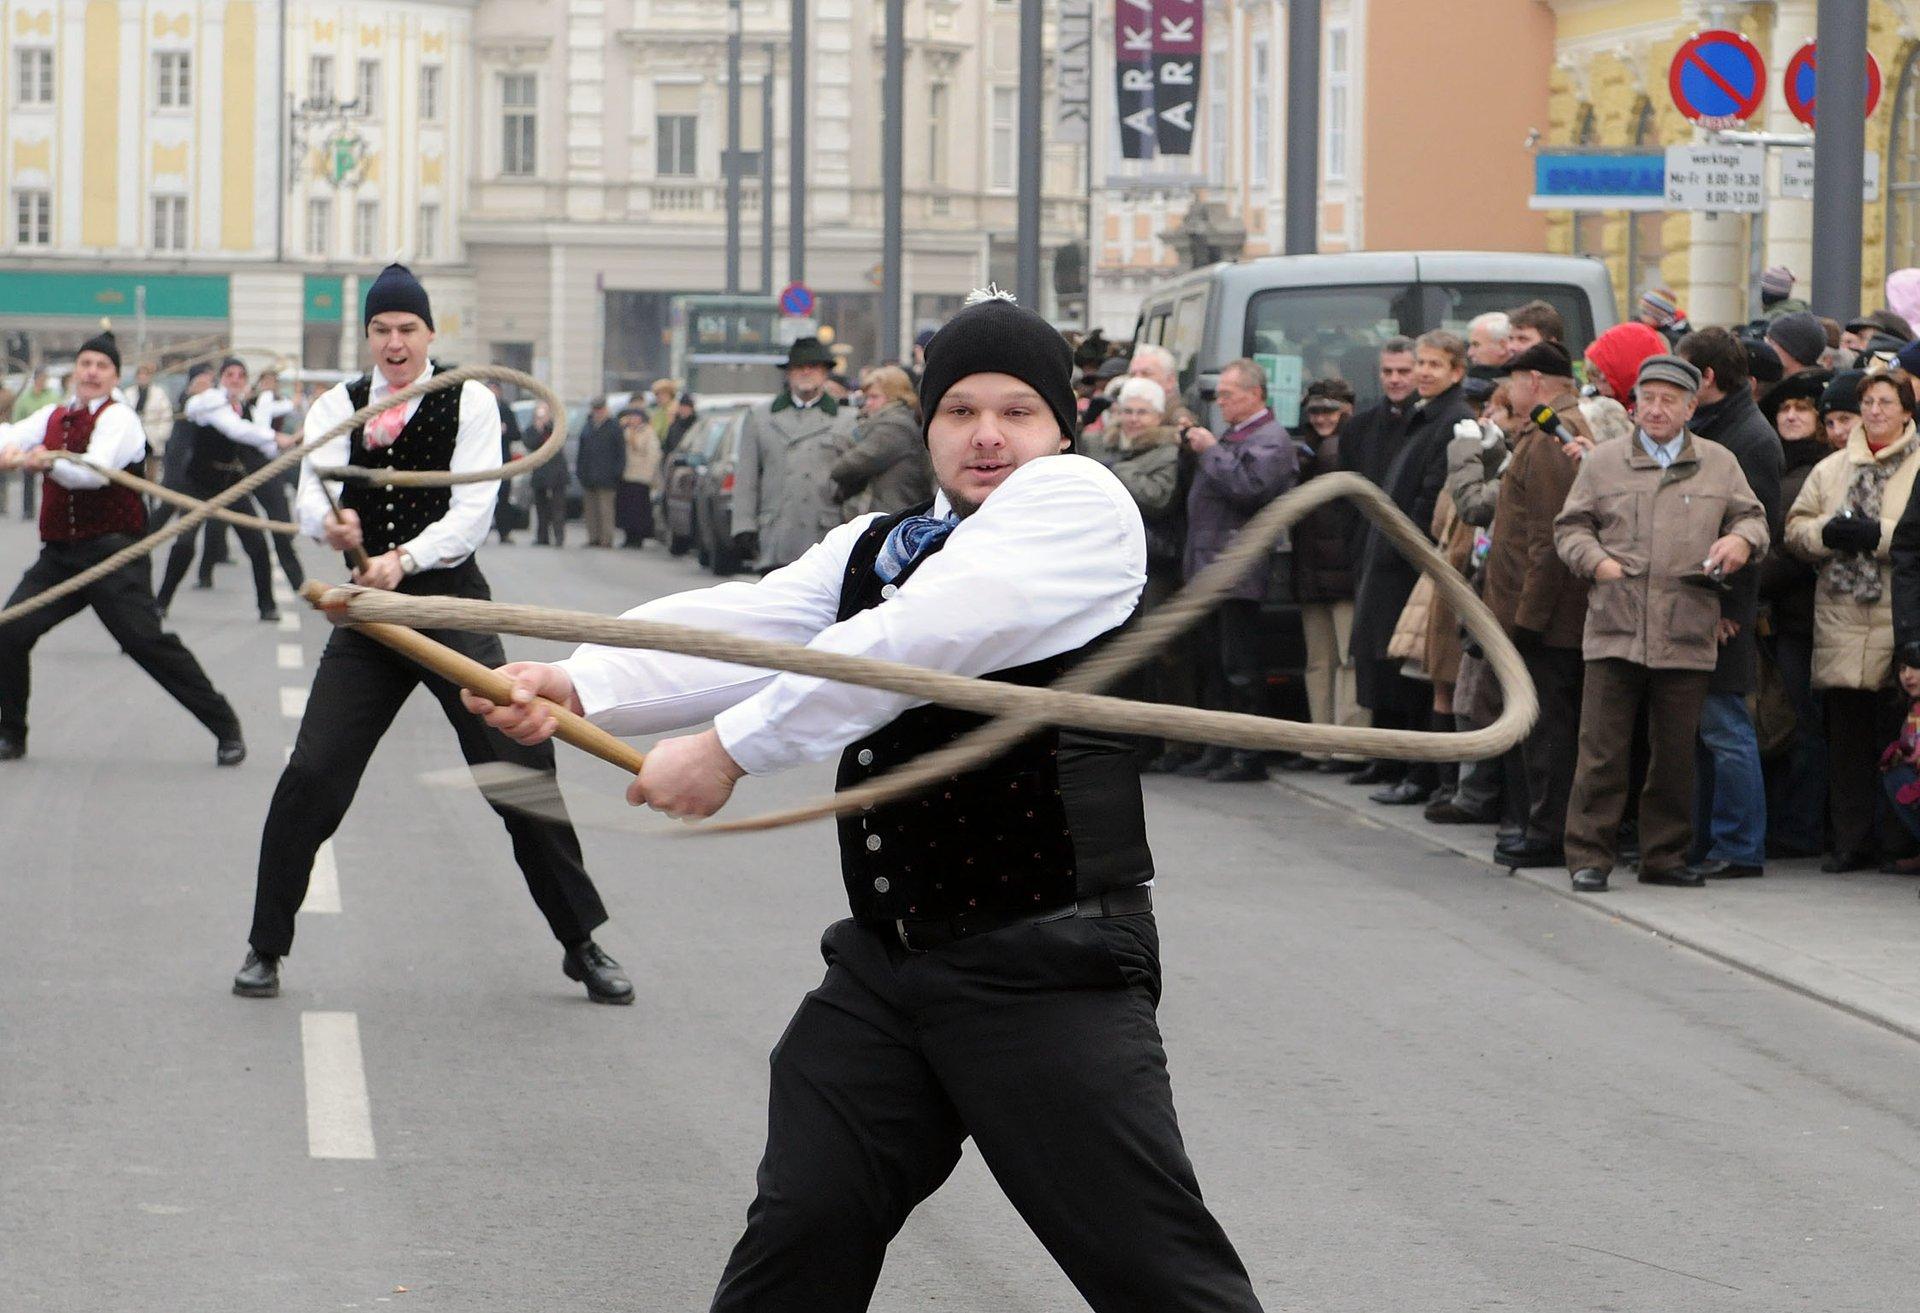 Aperschnalzen in Austria 2020 - Best Time